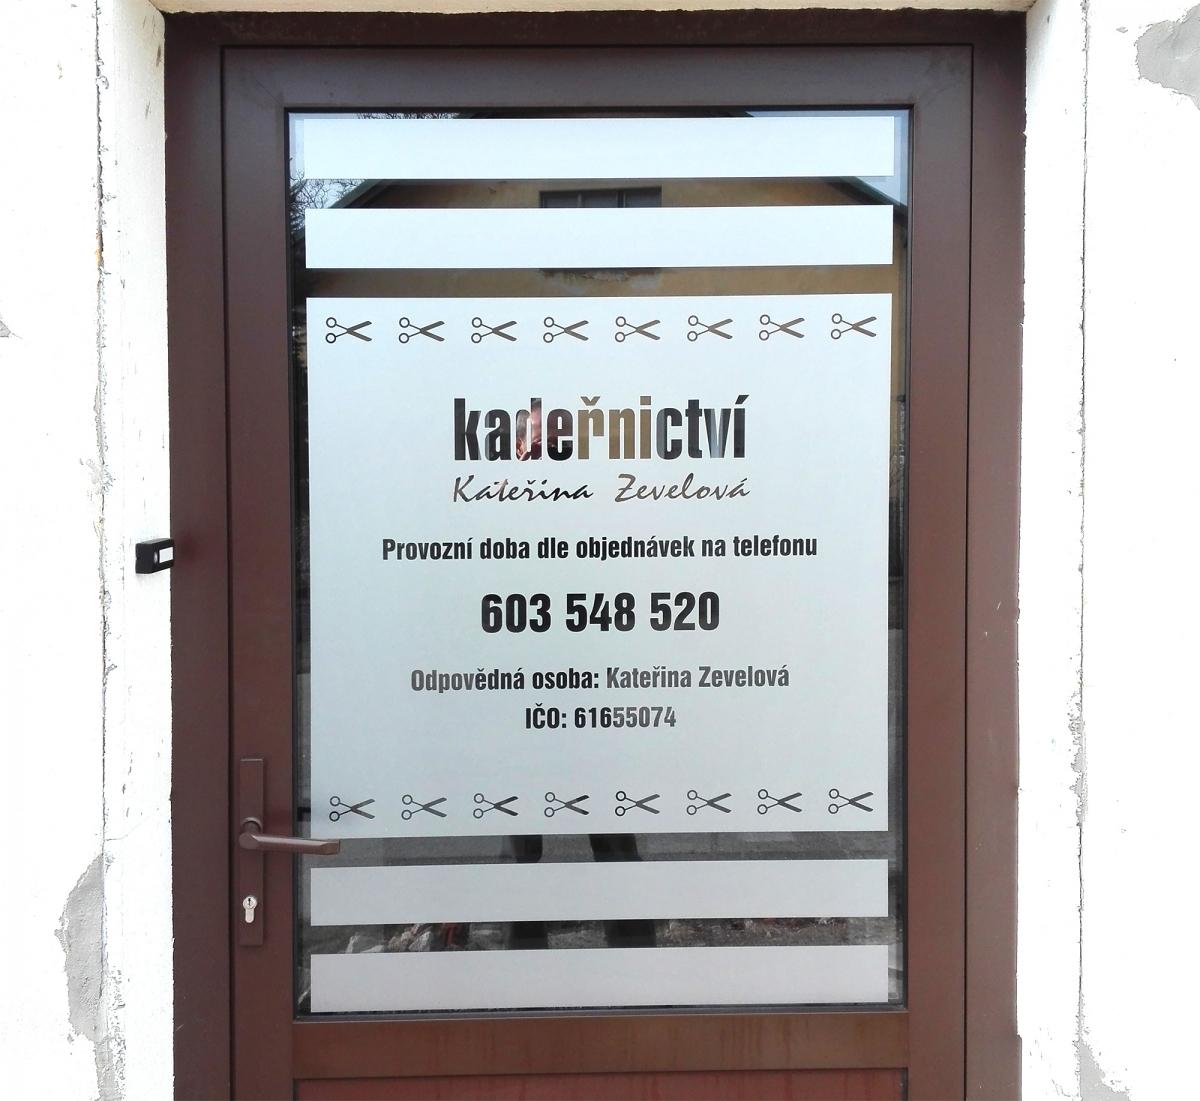 Kadeřnictví Kateřina Zevelová - Polep dveří pro kadeřnictví